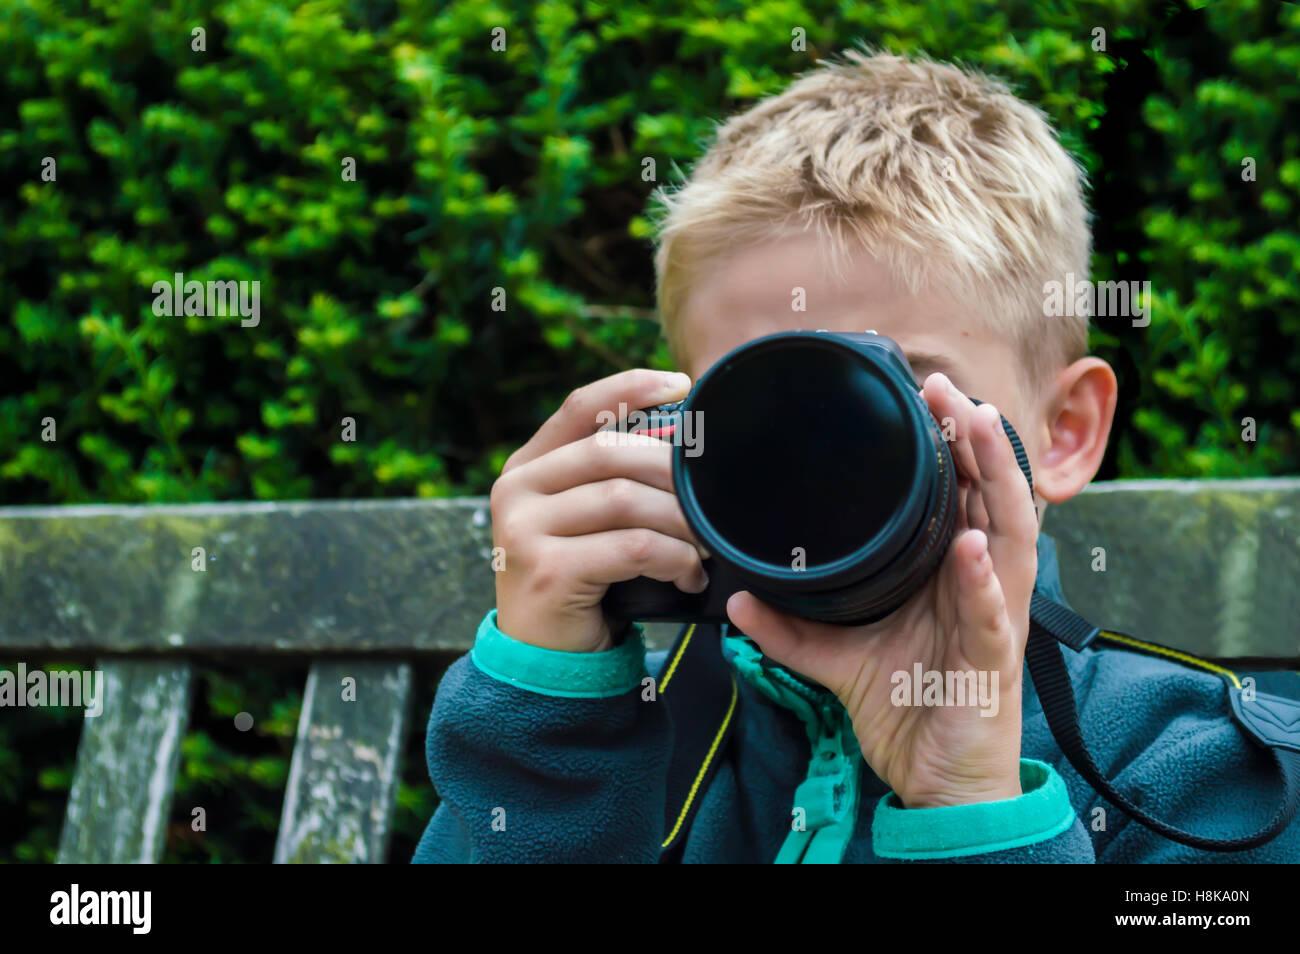 Young Boy Dslr Camera Stock Photos Young Boy Dslr Camera Stock